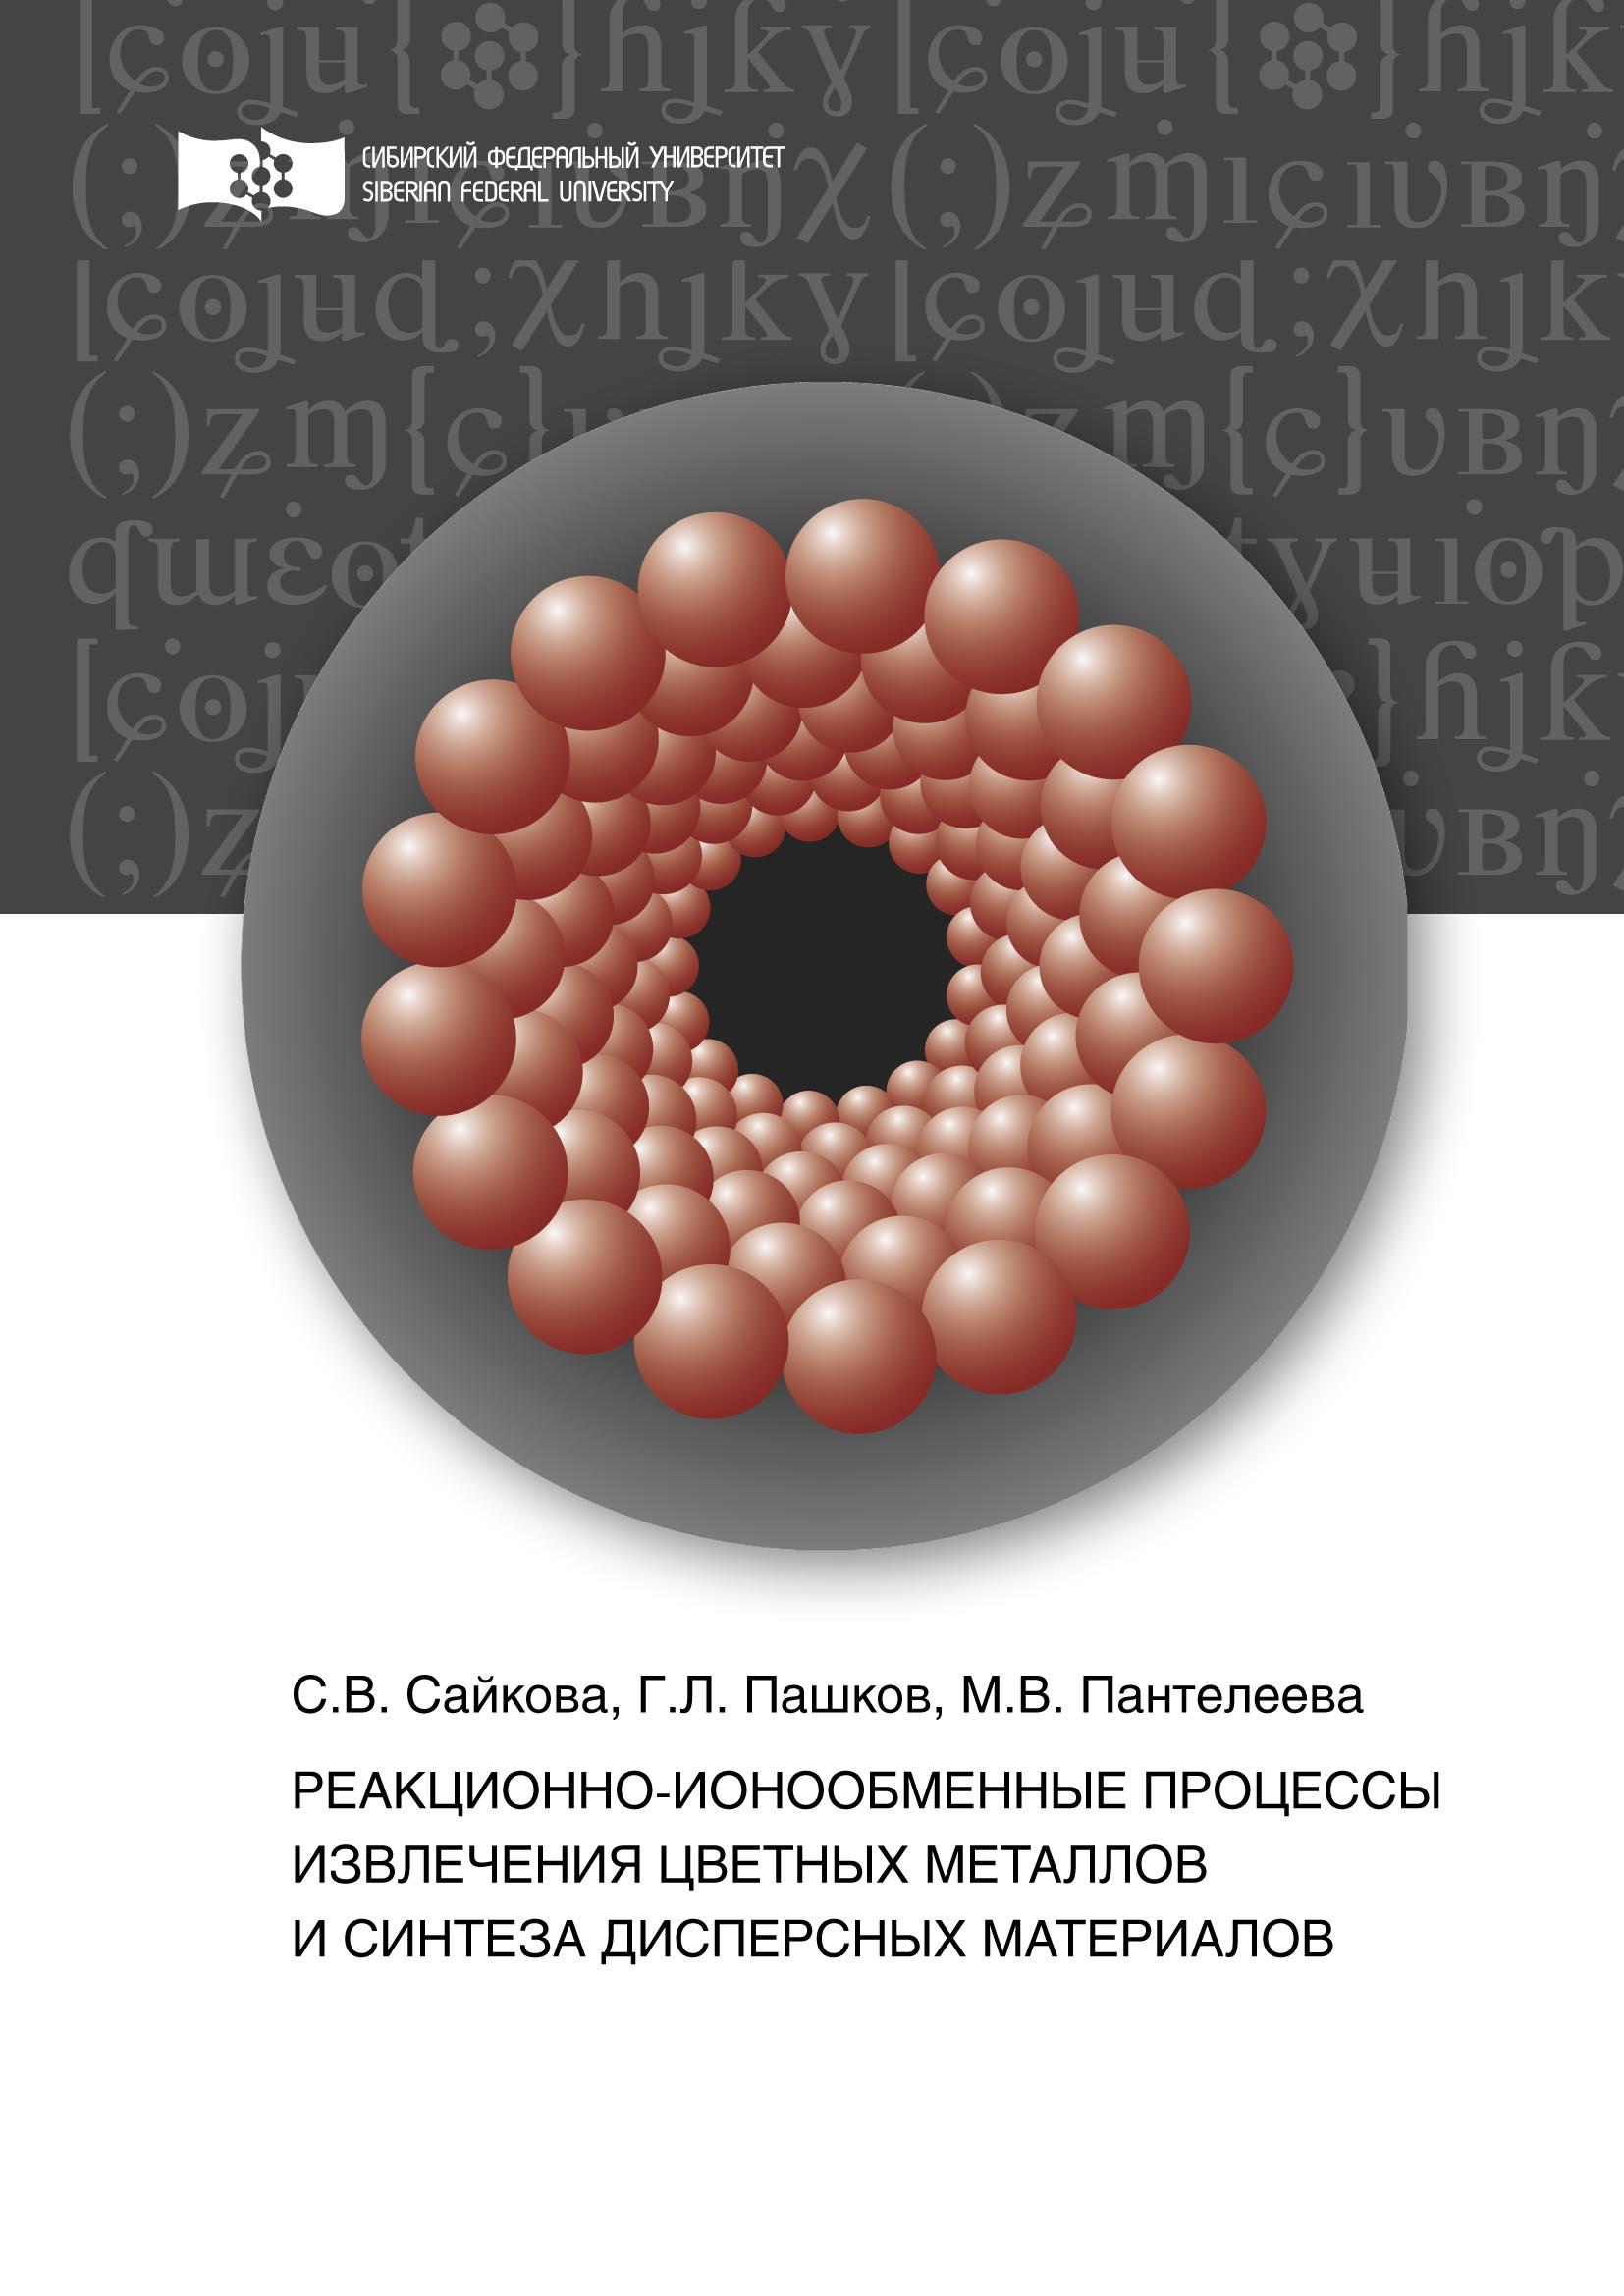 Реакционно-ионообменные процессы извлечения цветных металлов и синтеза дисперсных материалов